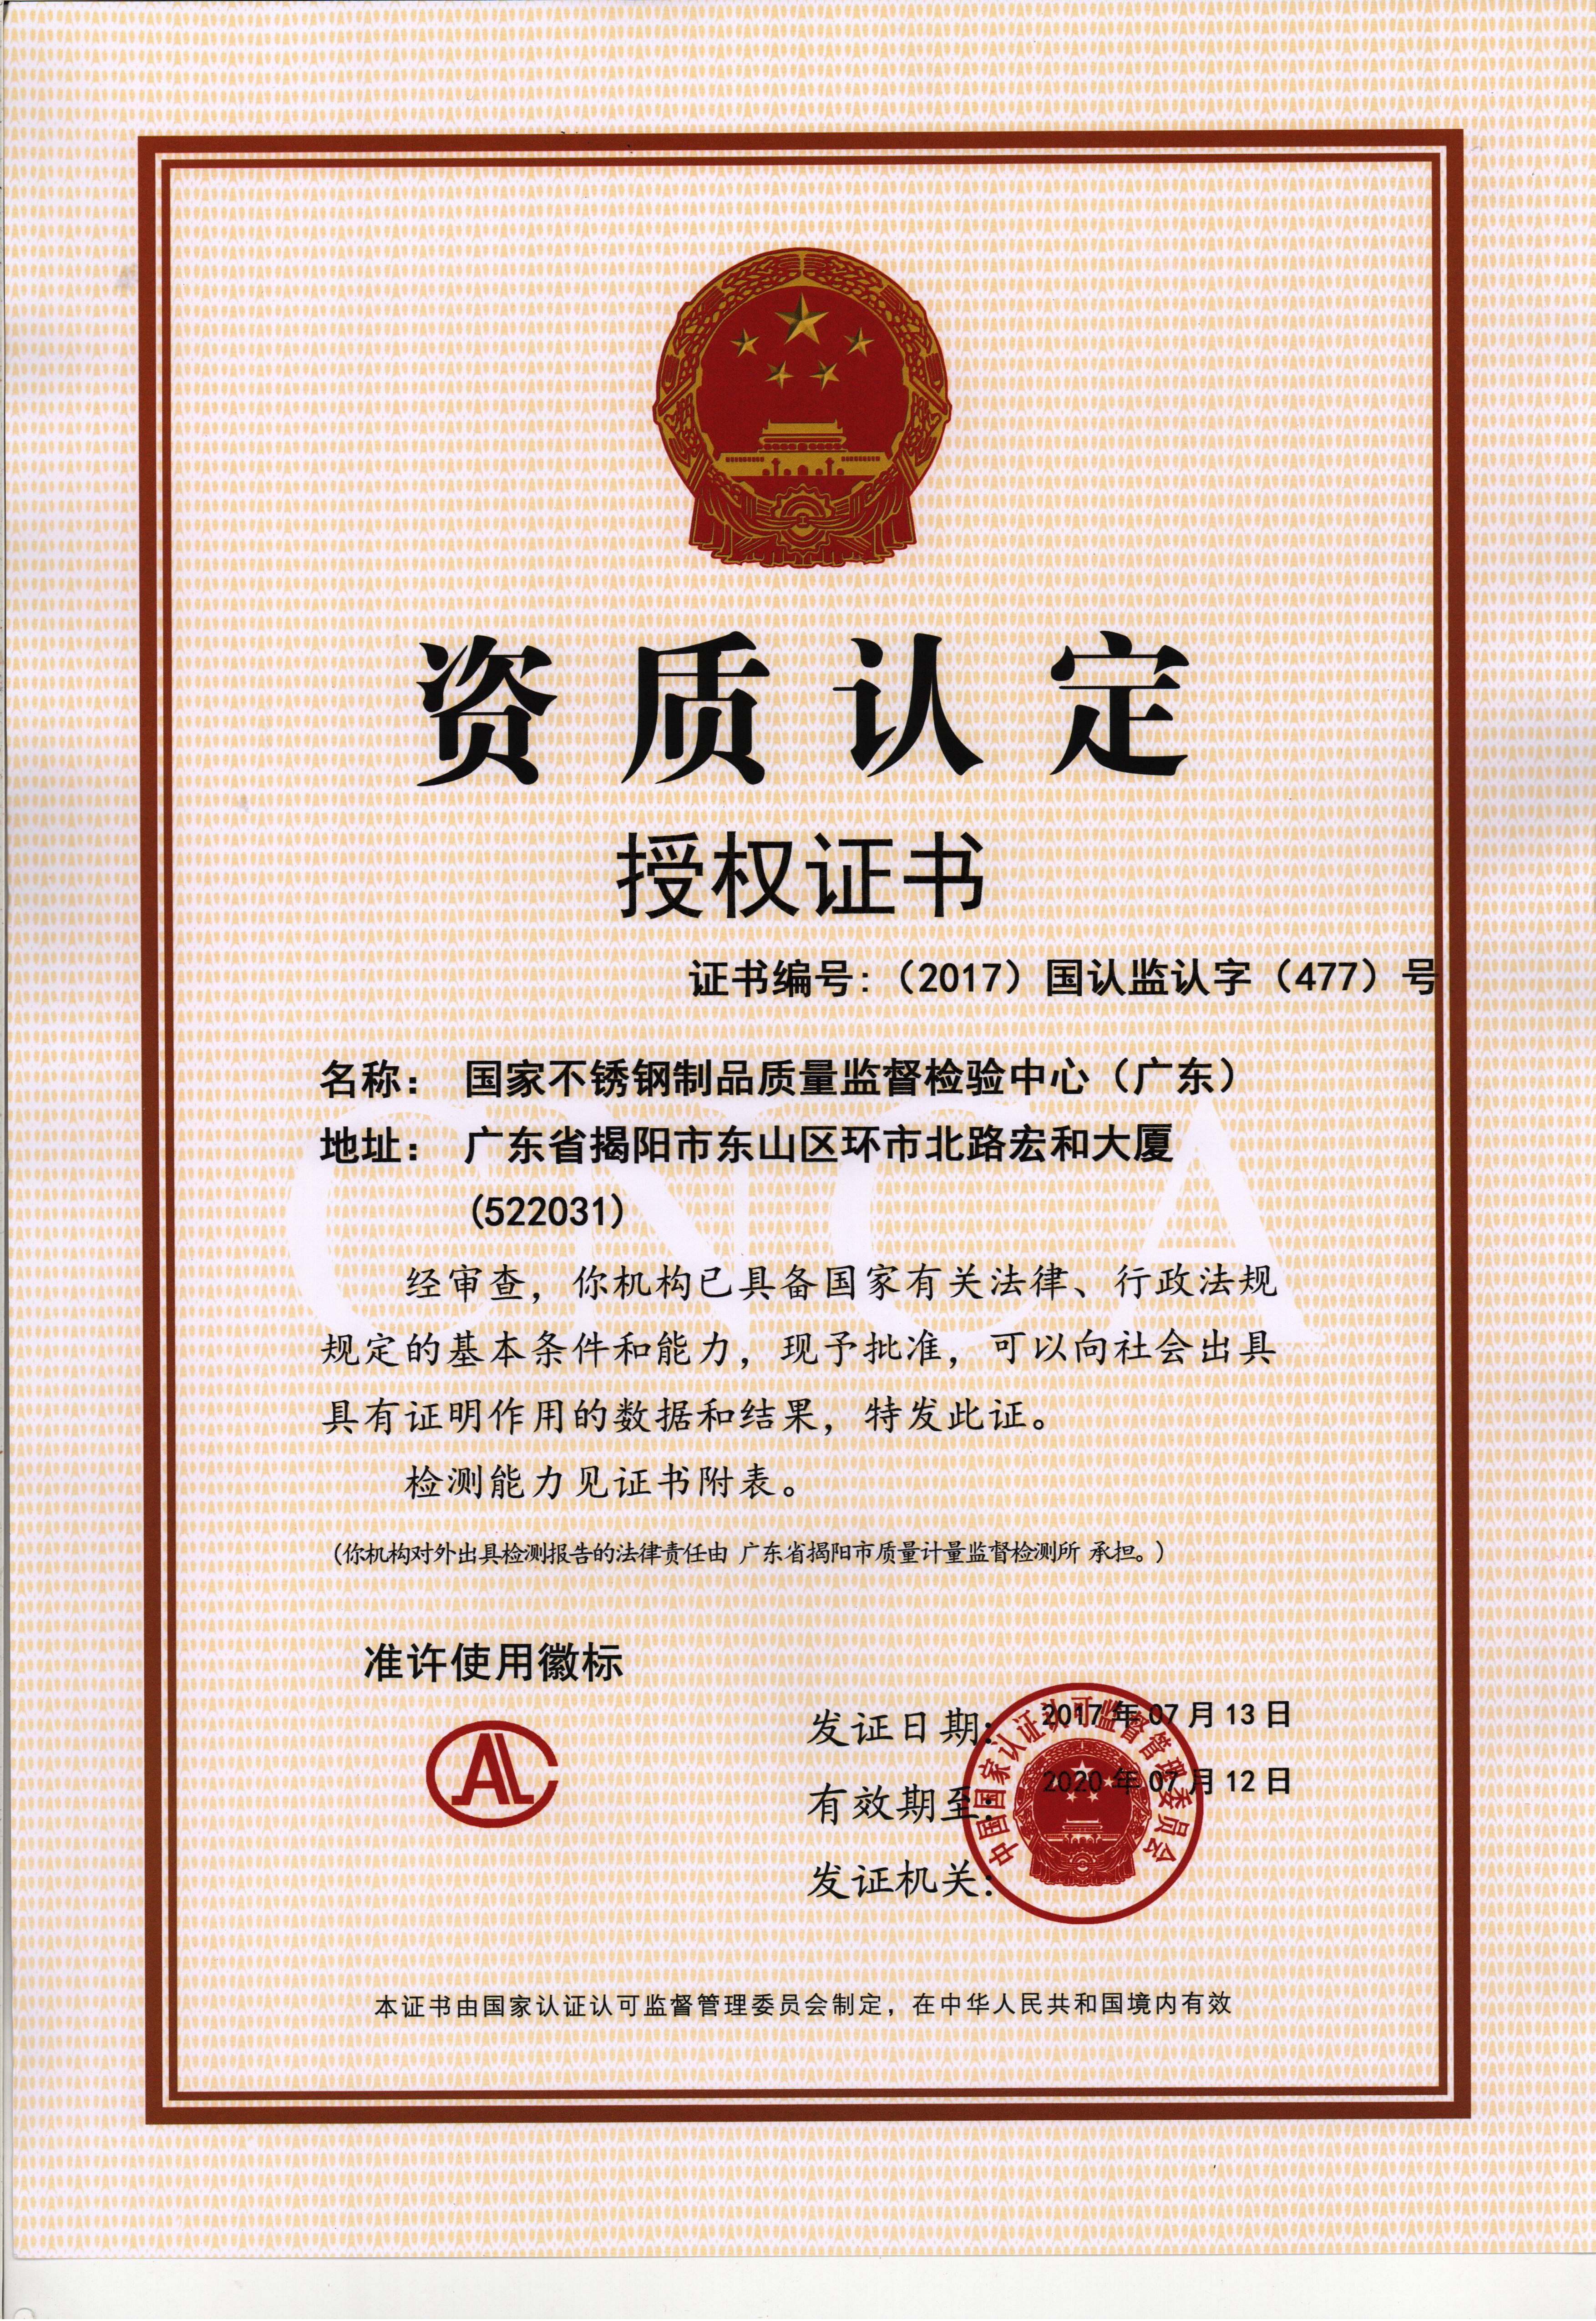 不锈钢中心授权证书.jpg